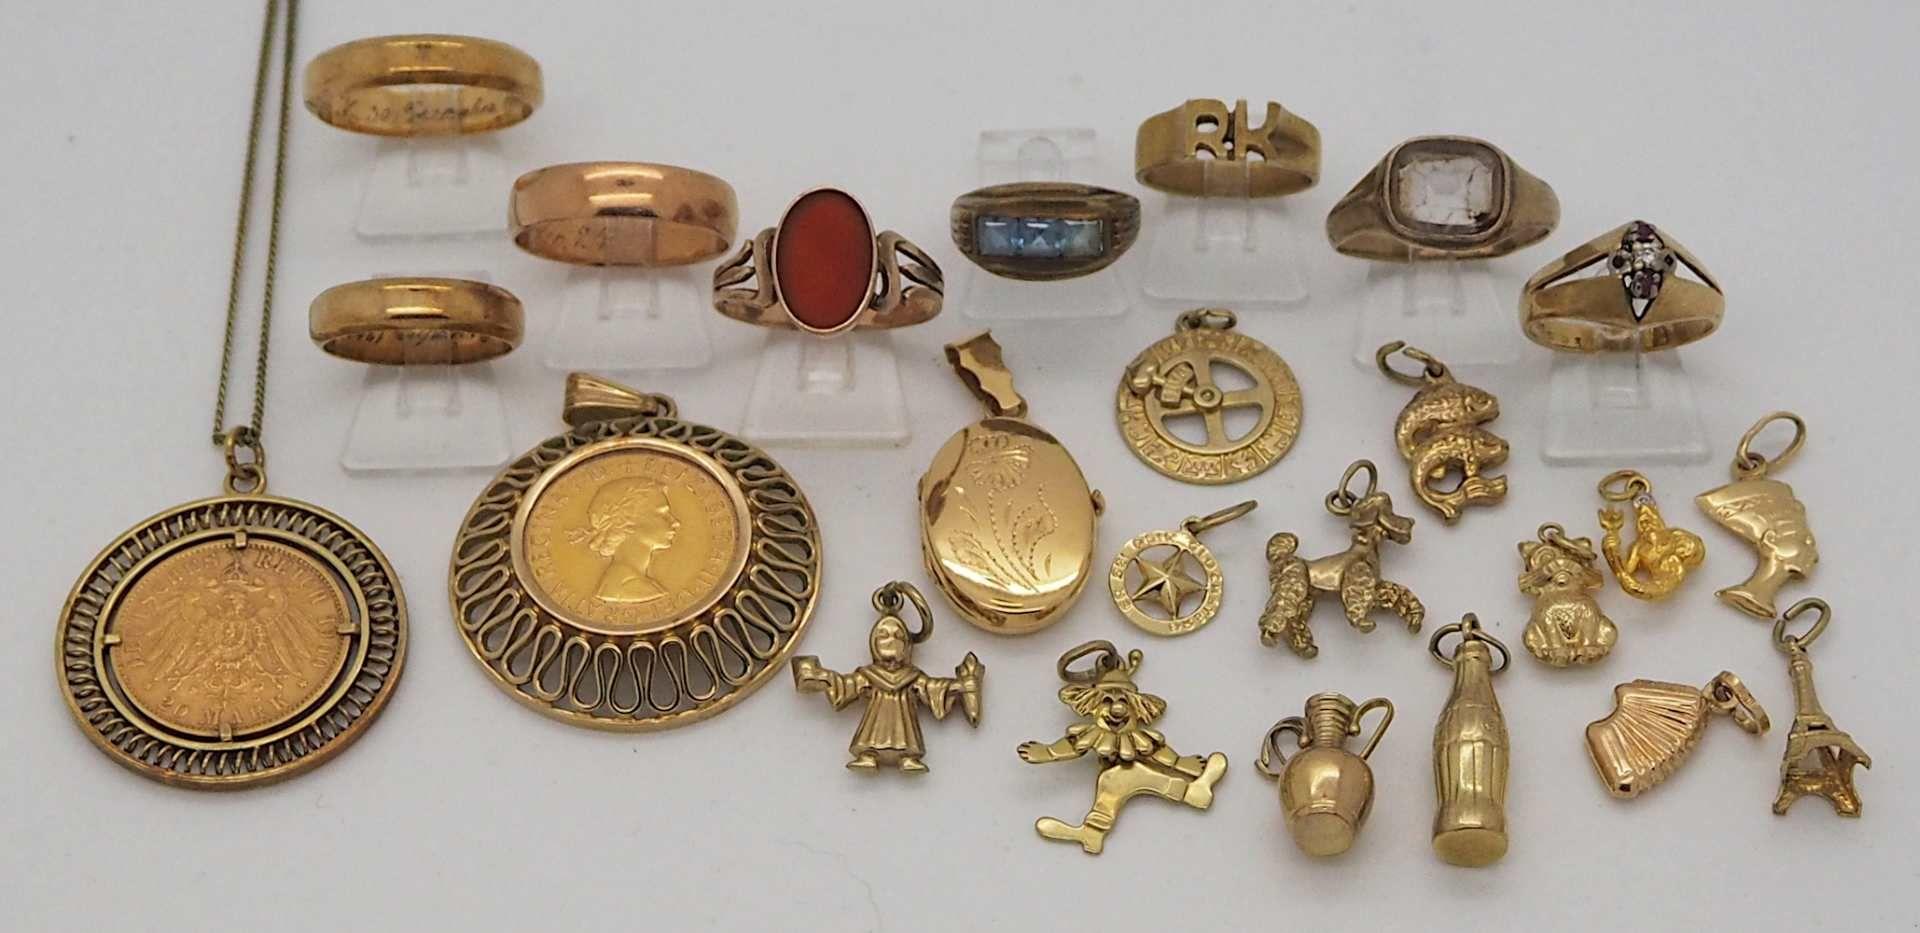 1 Konv. Schmuck GG u.a., z.T. gefasste Goldmünzen England, Deutsches Reich